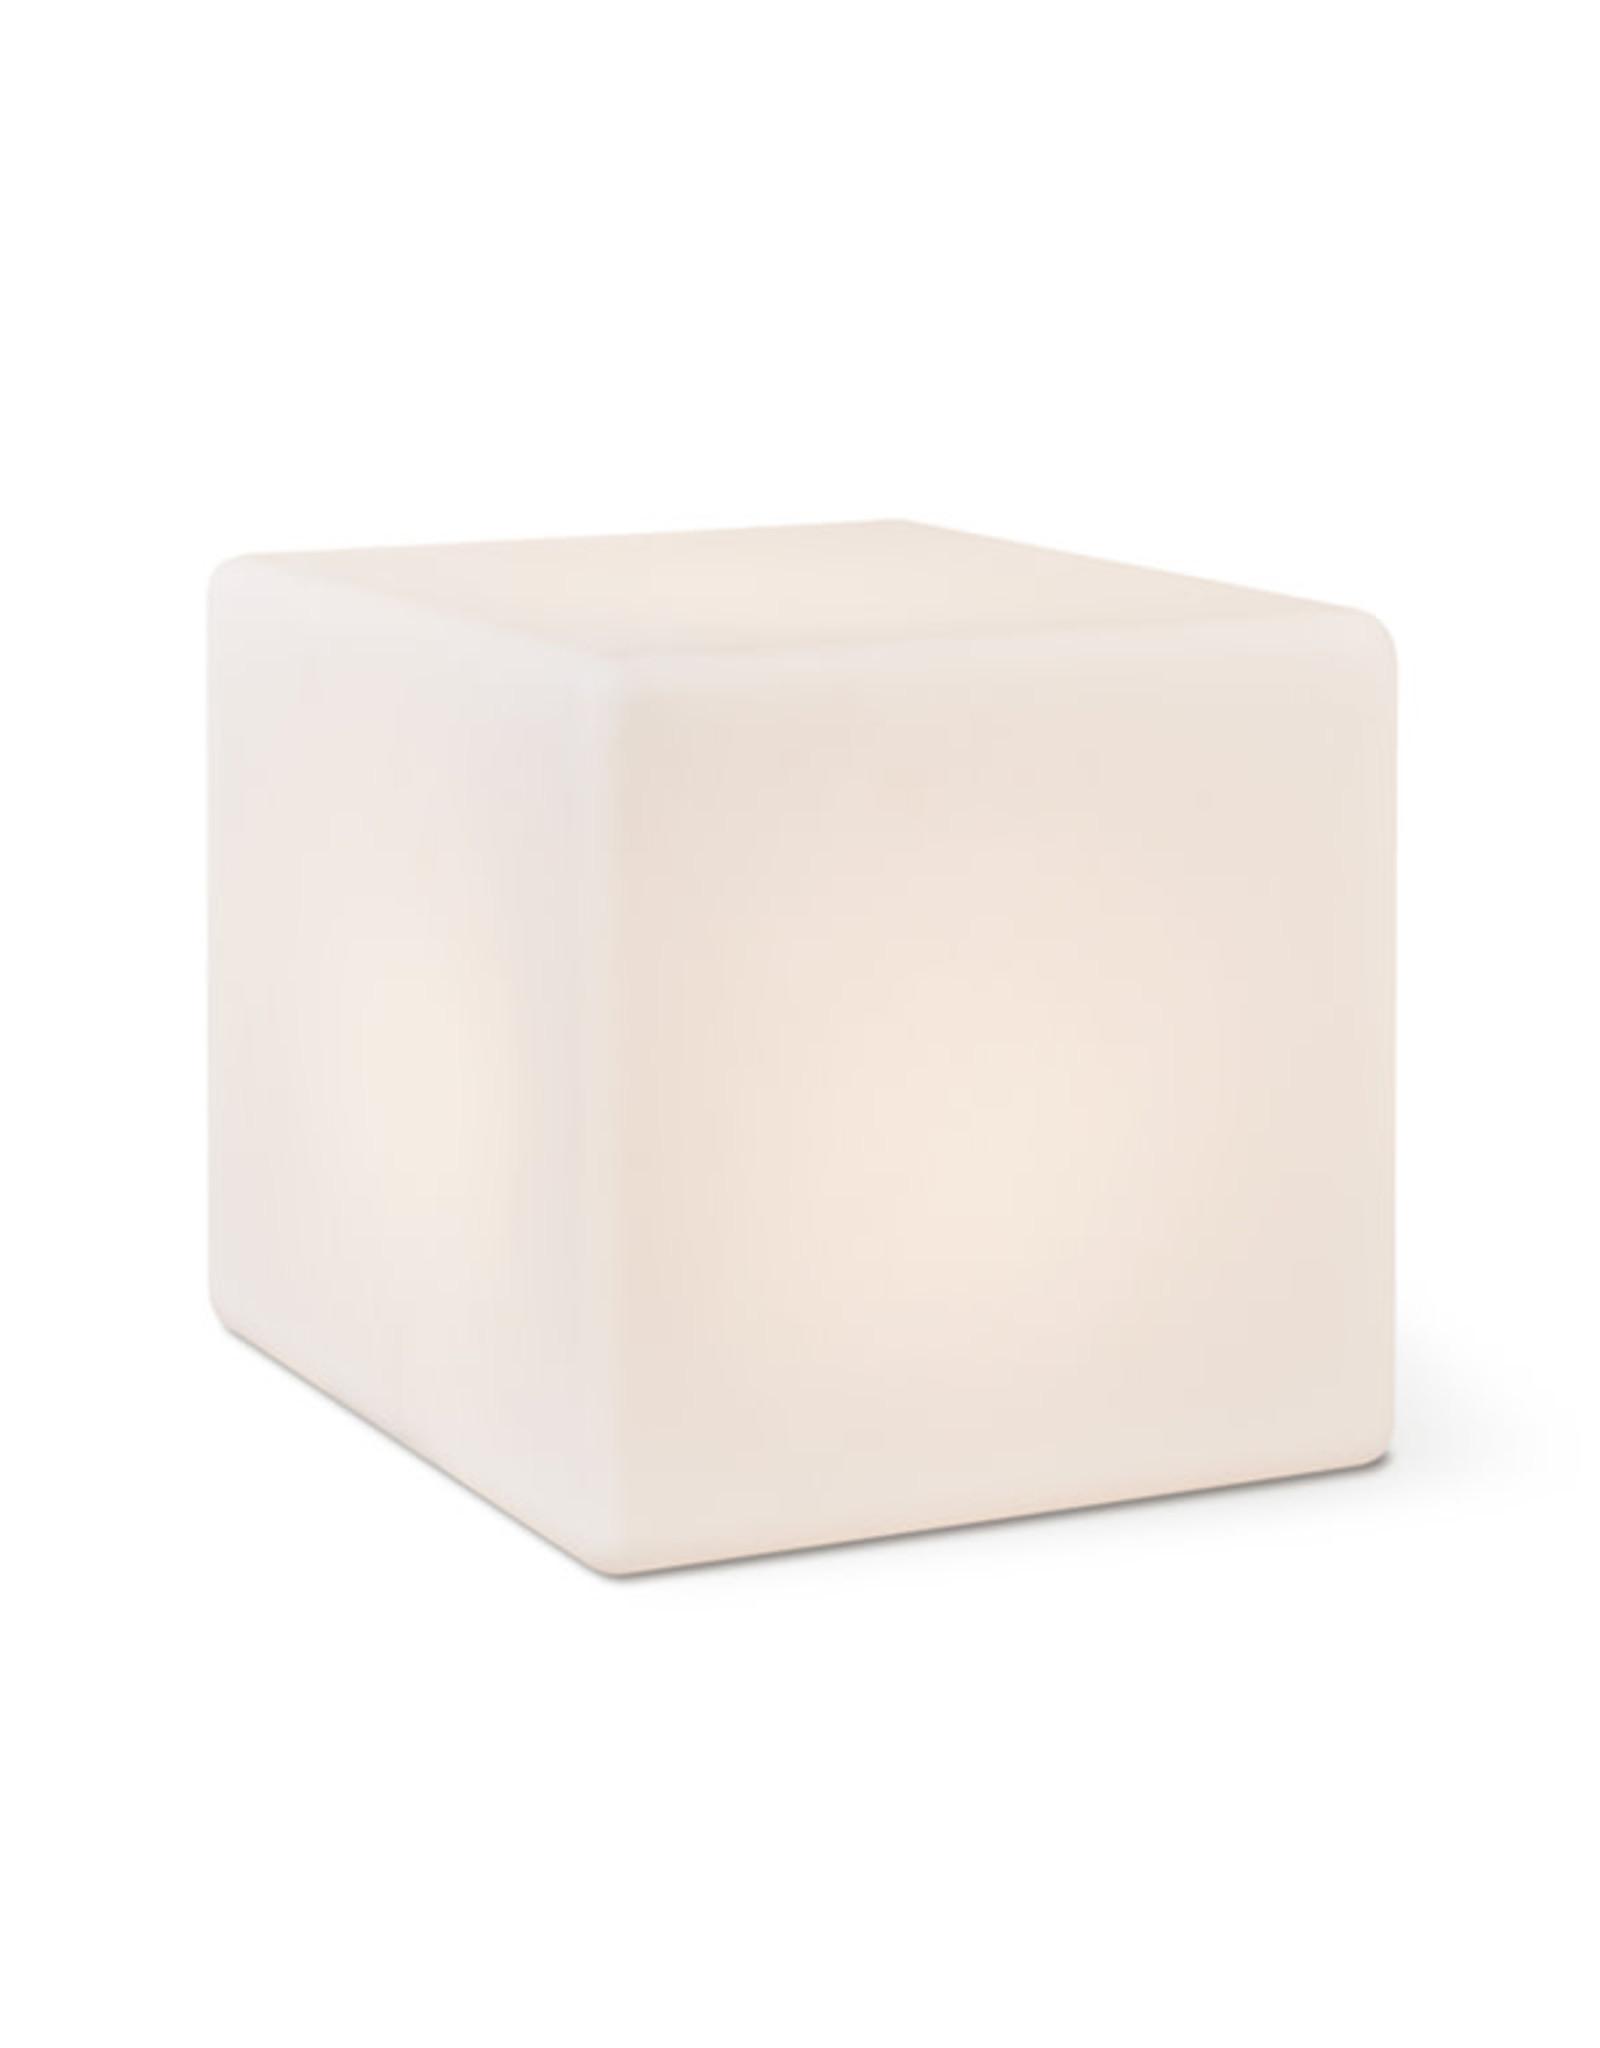 Gus* Modern Lightbox 2